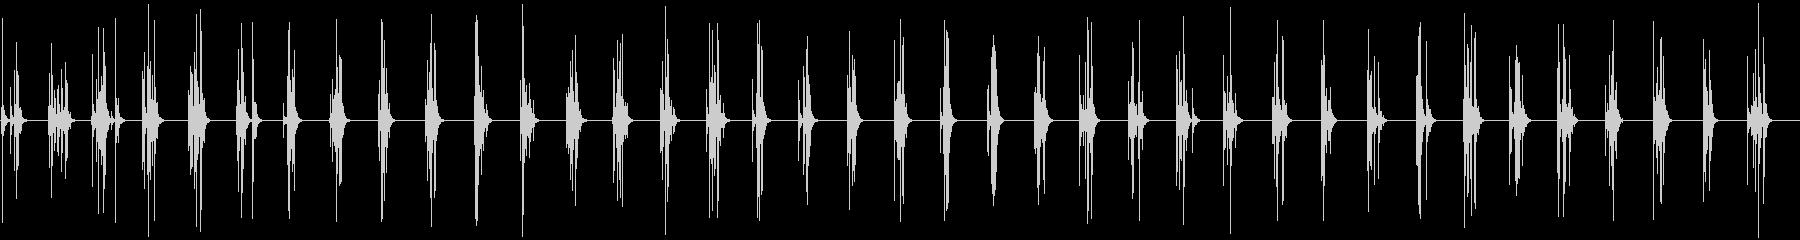 スモールスタジオオーディエンス:ク...の未再生の波形